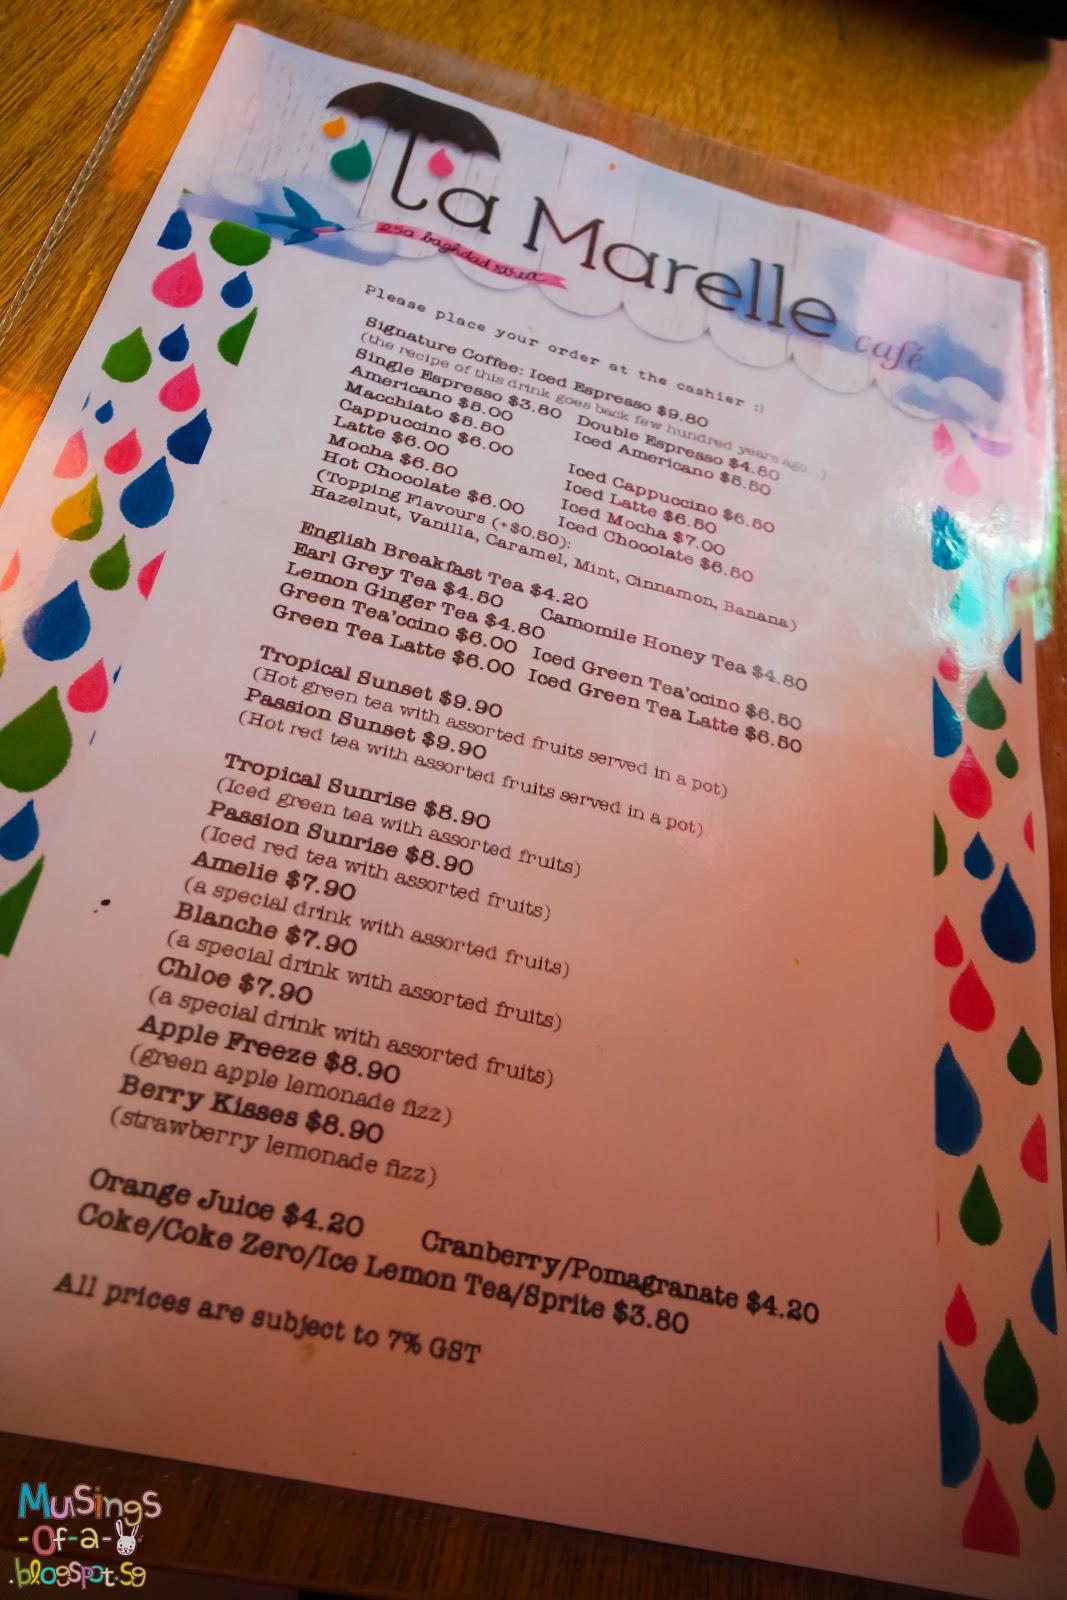 La Marelle Café & Boutique, Arab Street